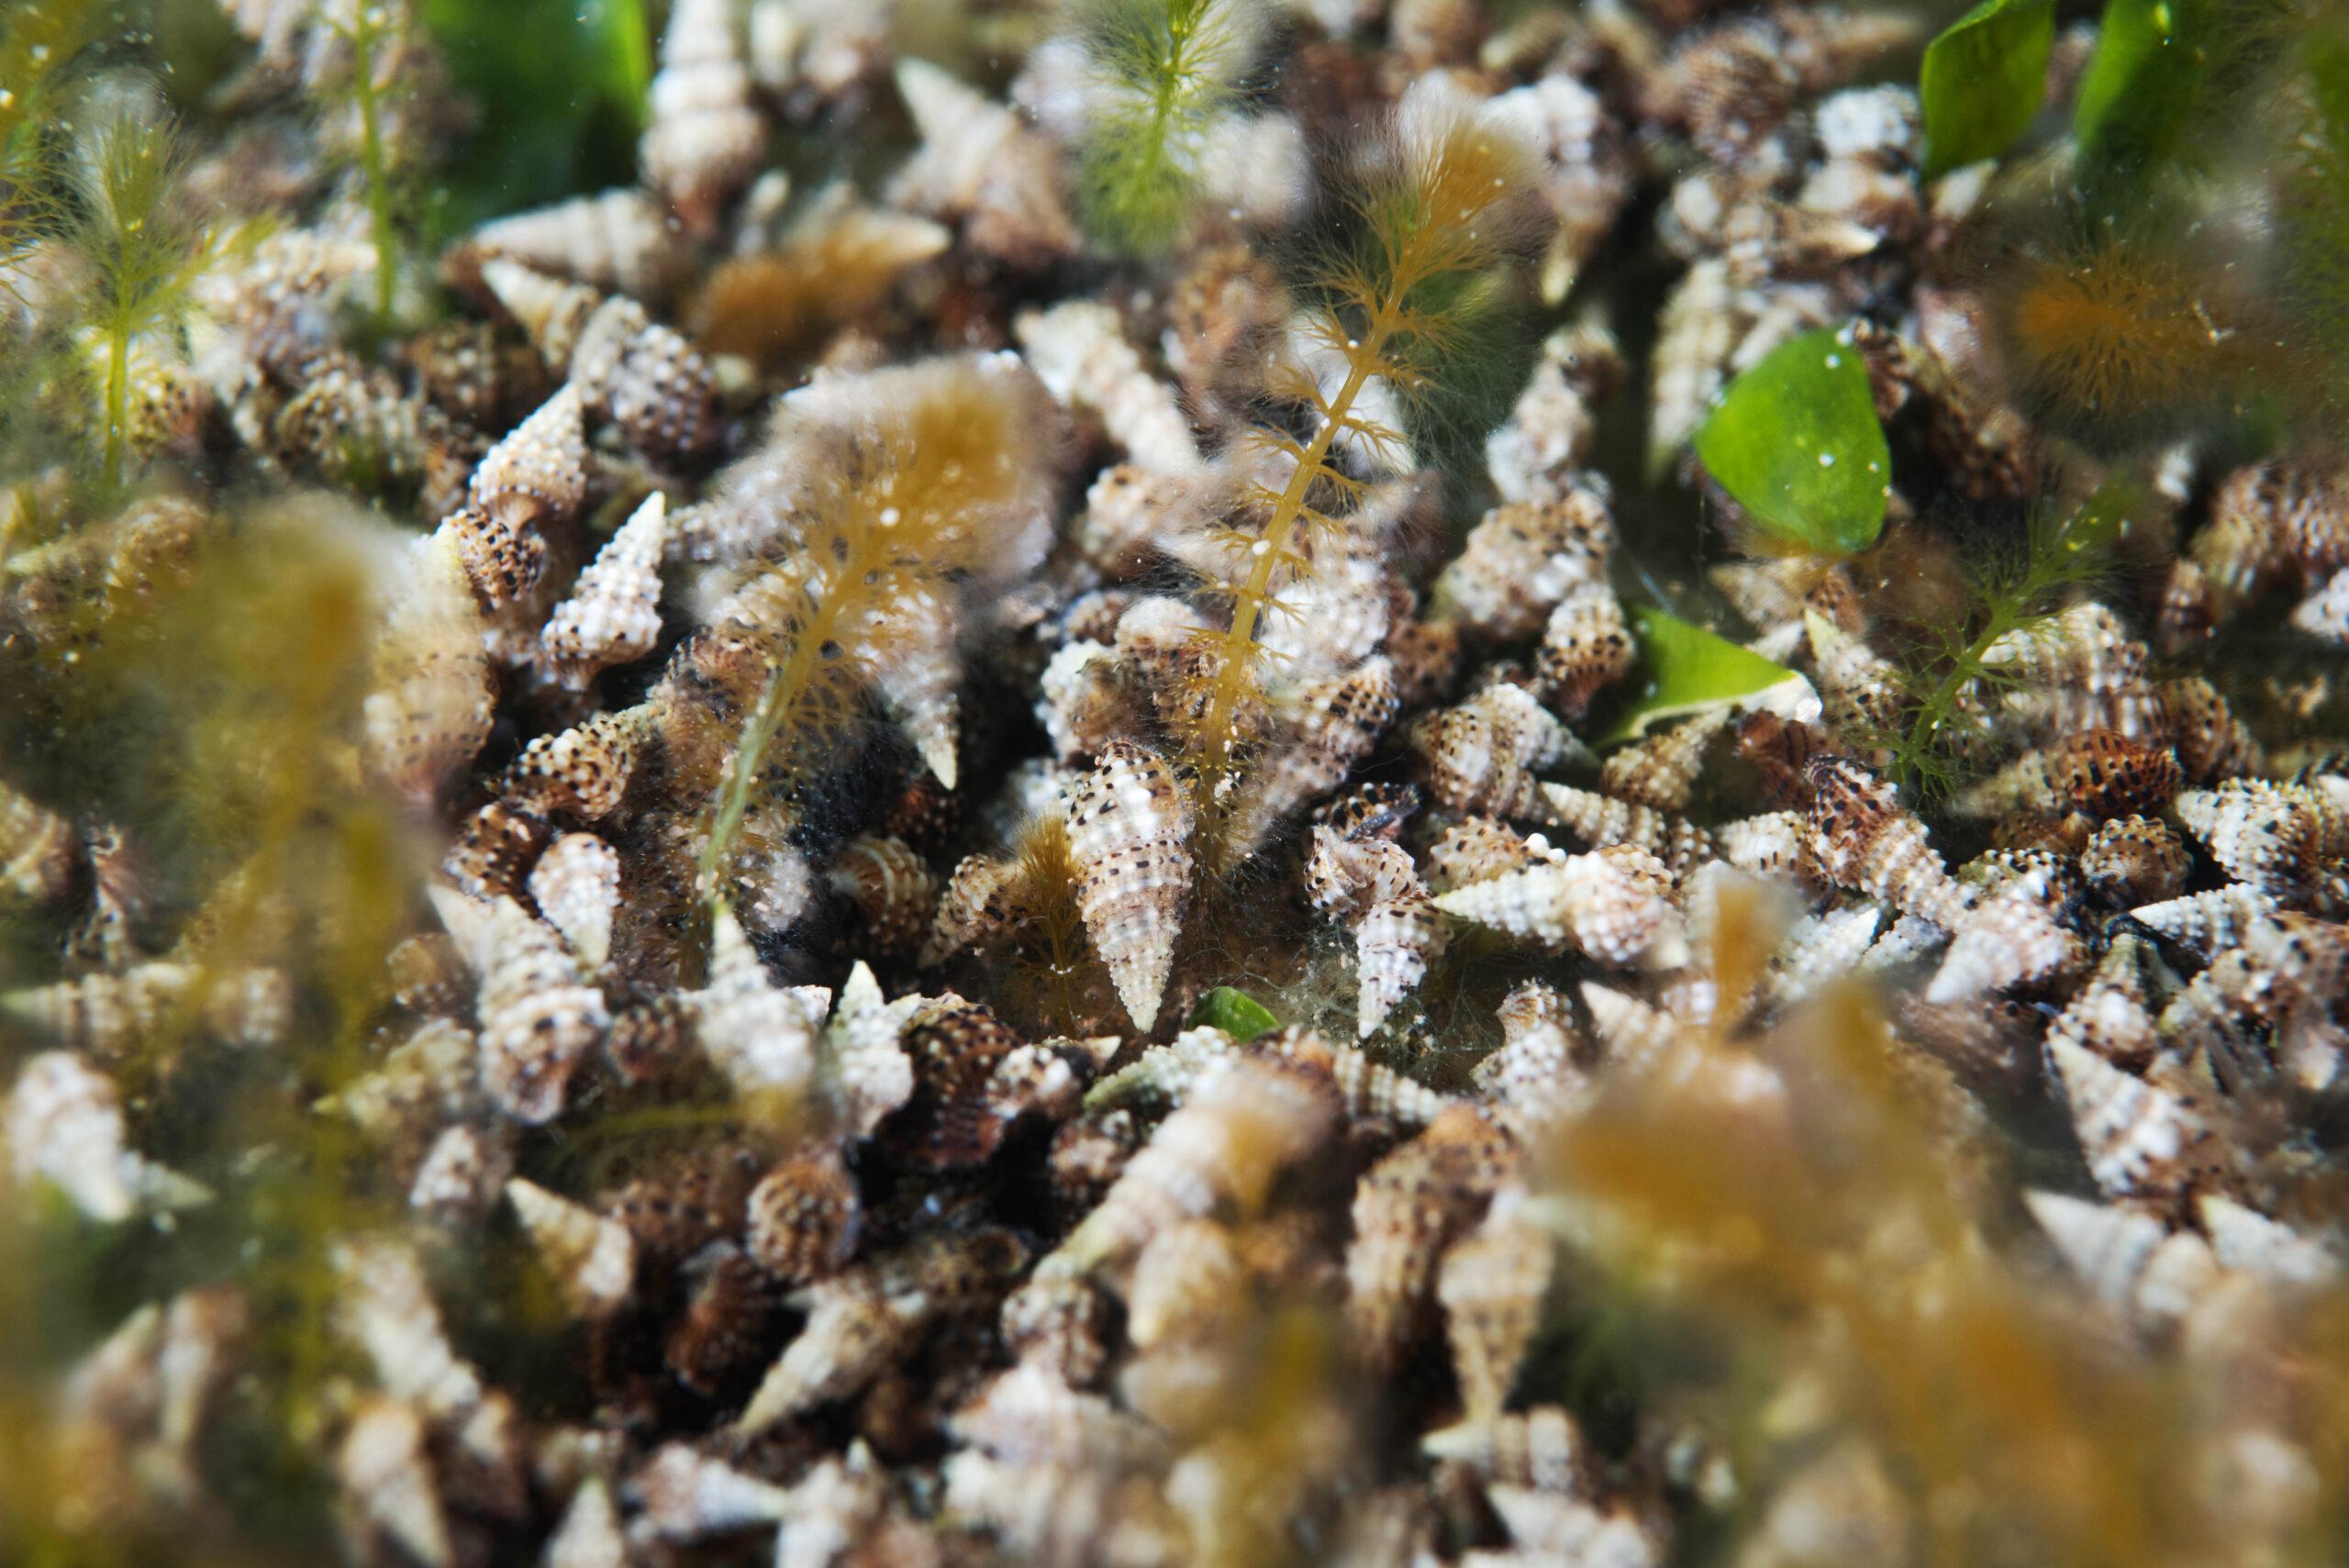 La mayor densidad de Cerithium scabrosum fue localizada, en los meses de abril y mayo, al final de la manga del Mar Menor.